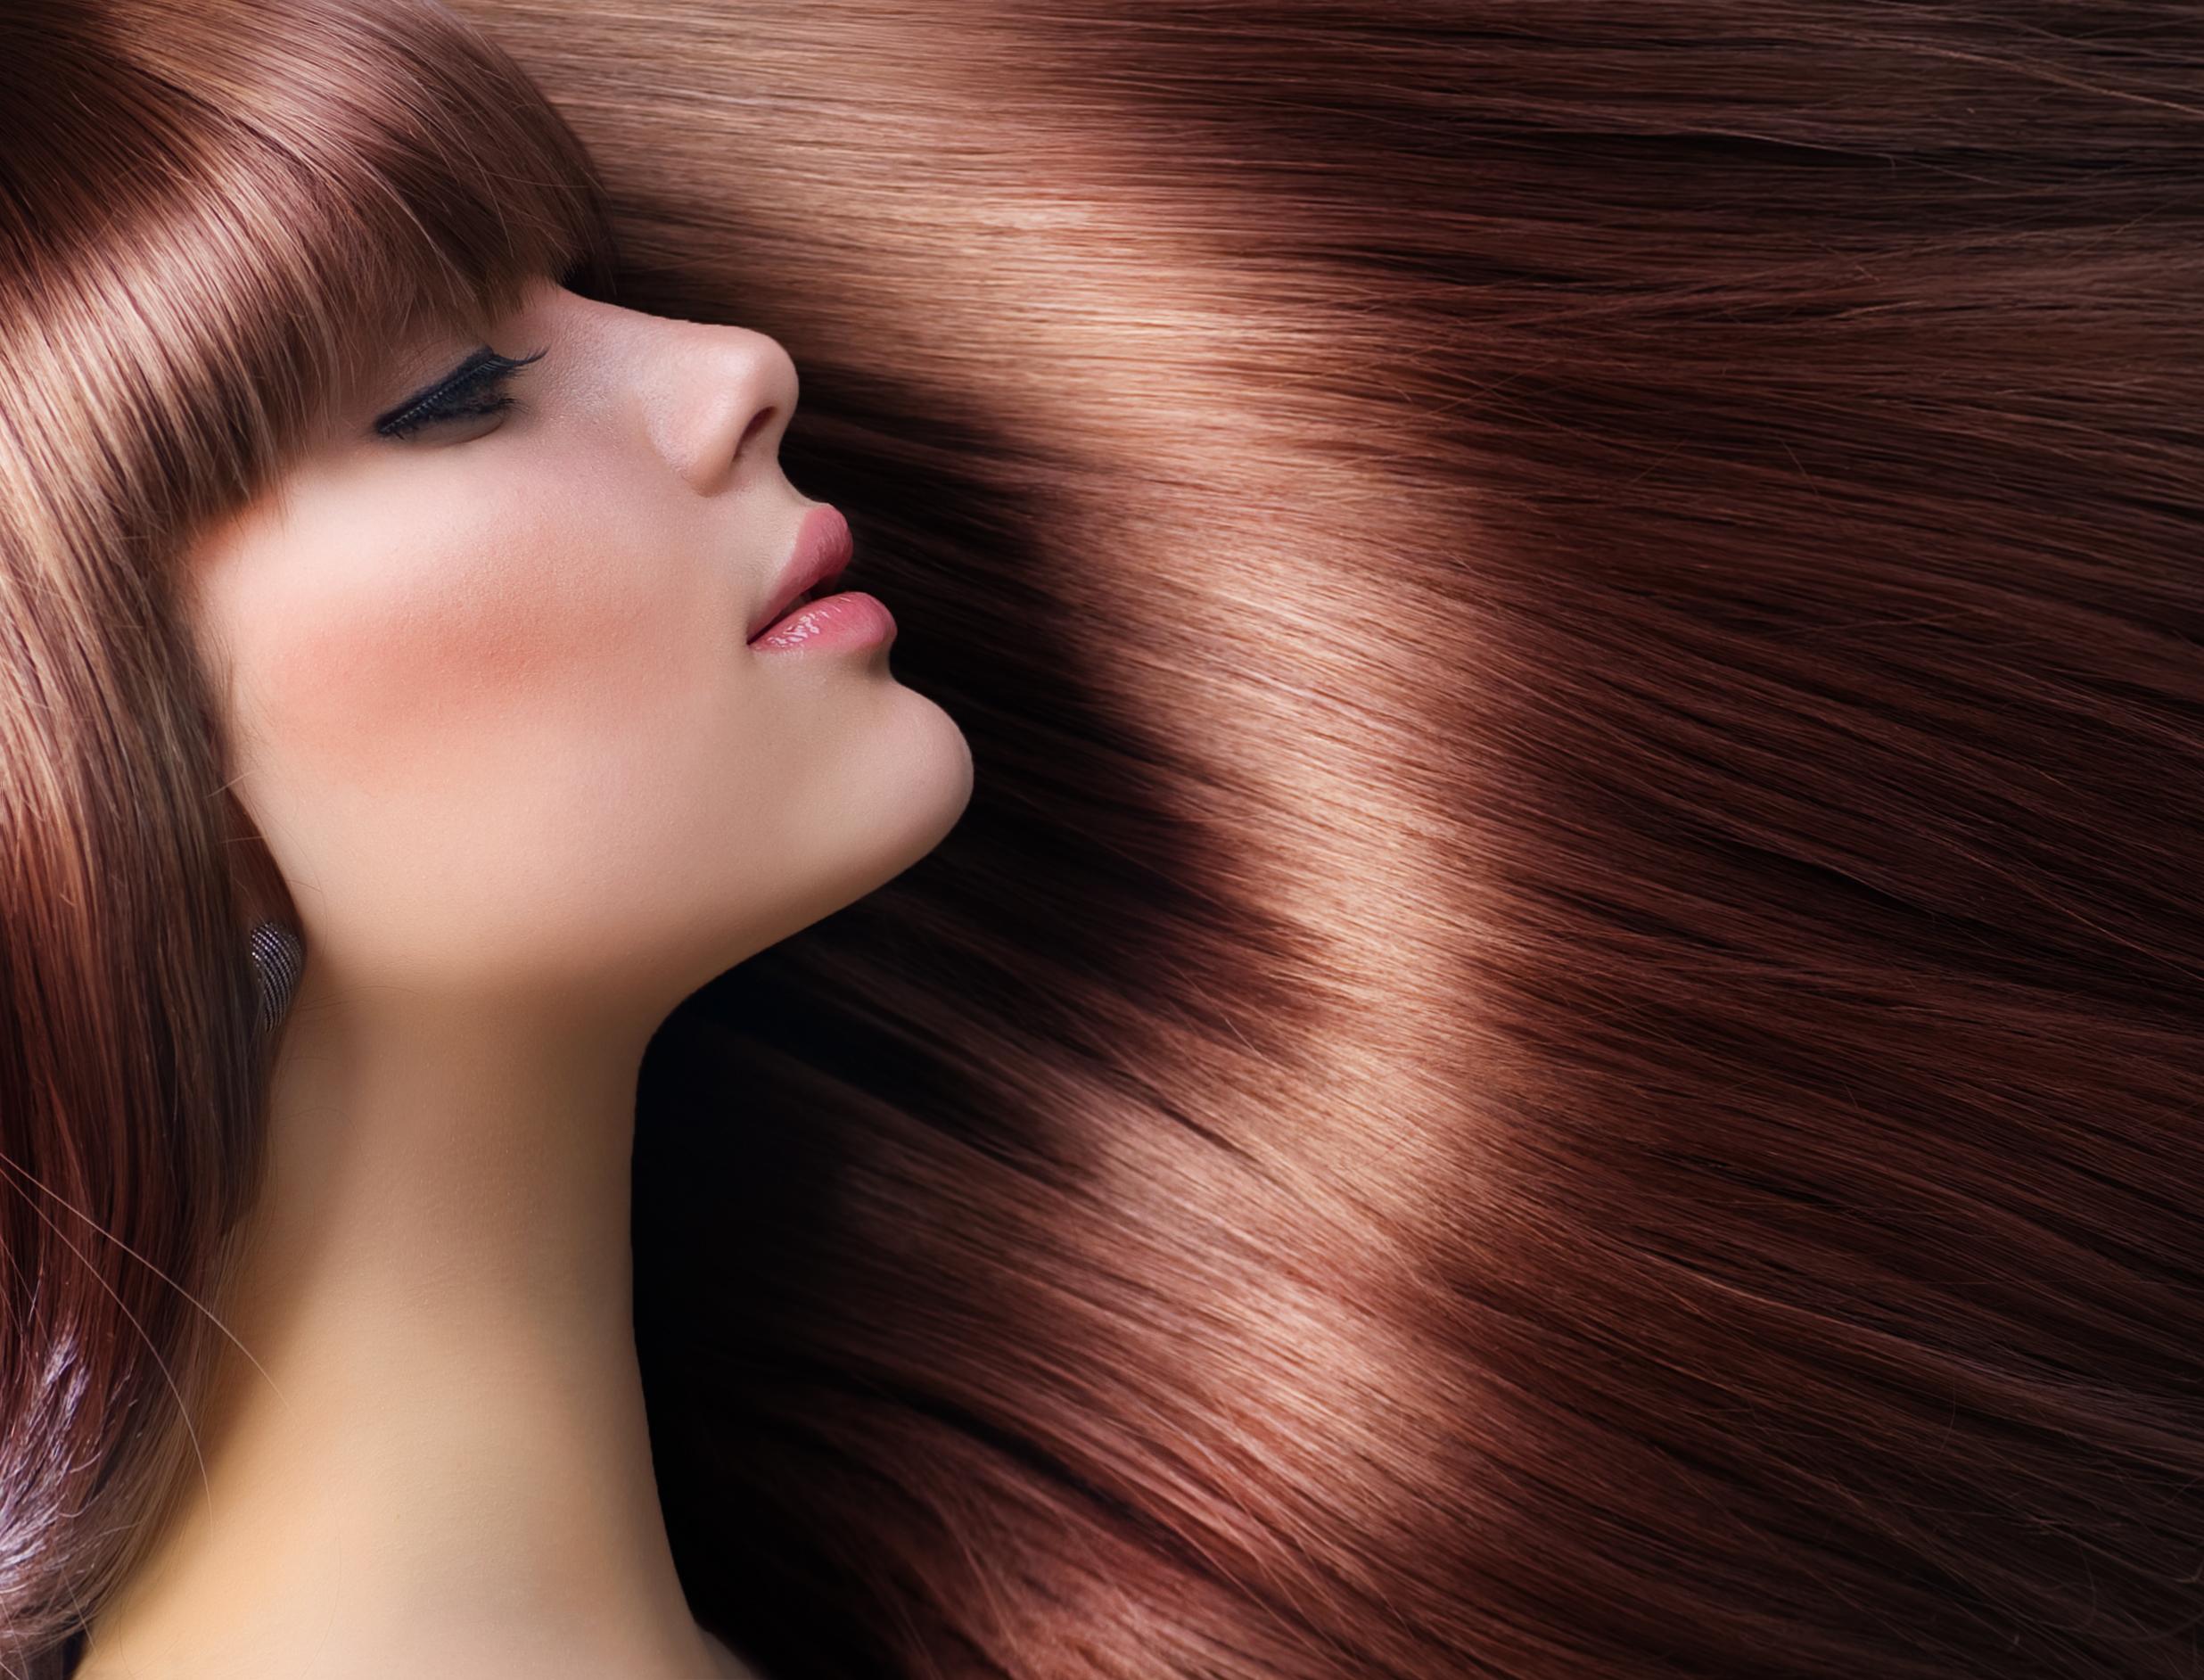 Девушка с красивыми, длинными, прямыми волосами